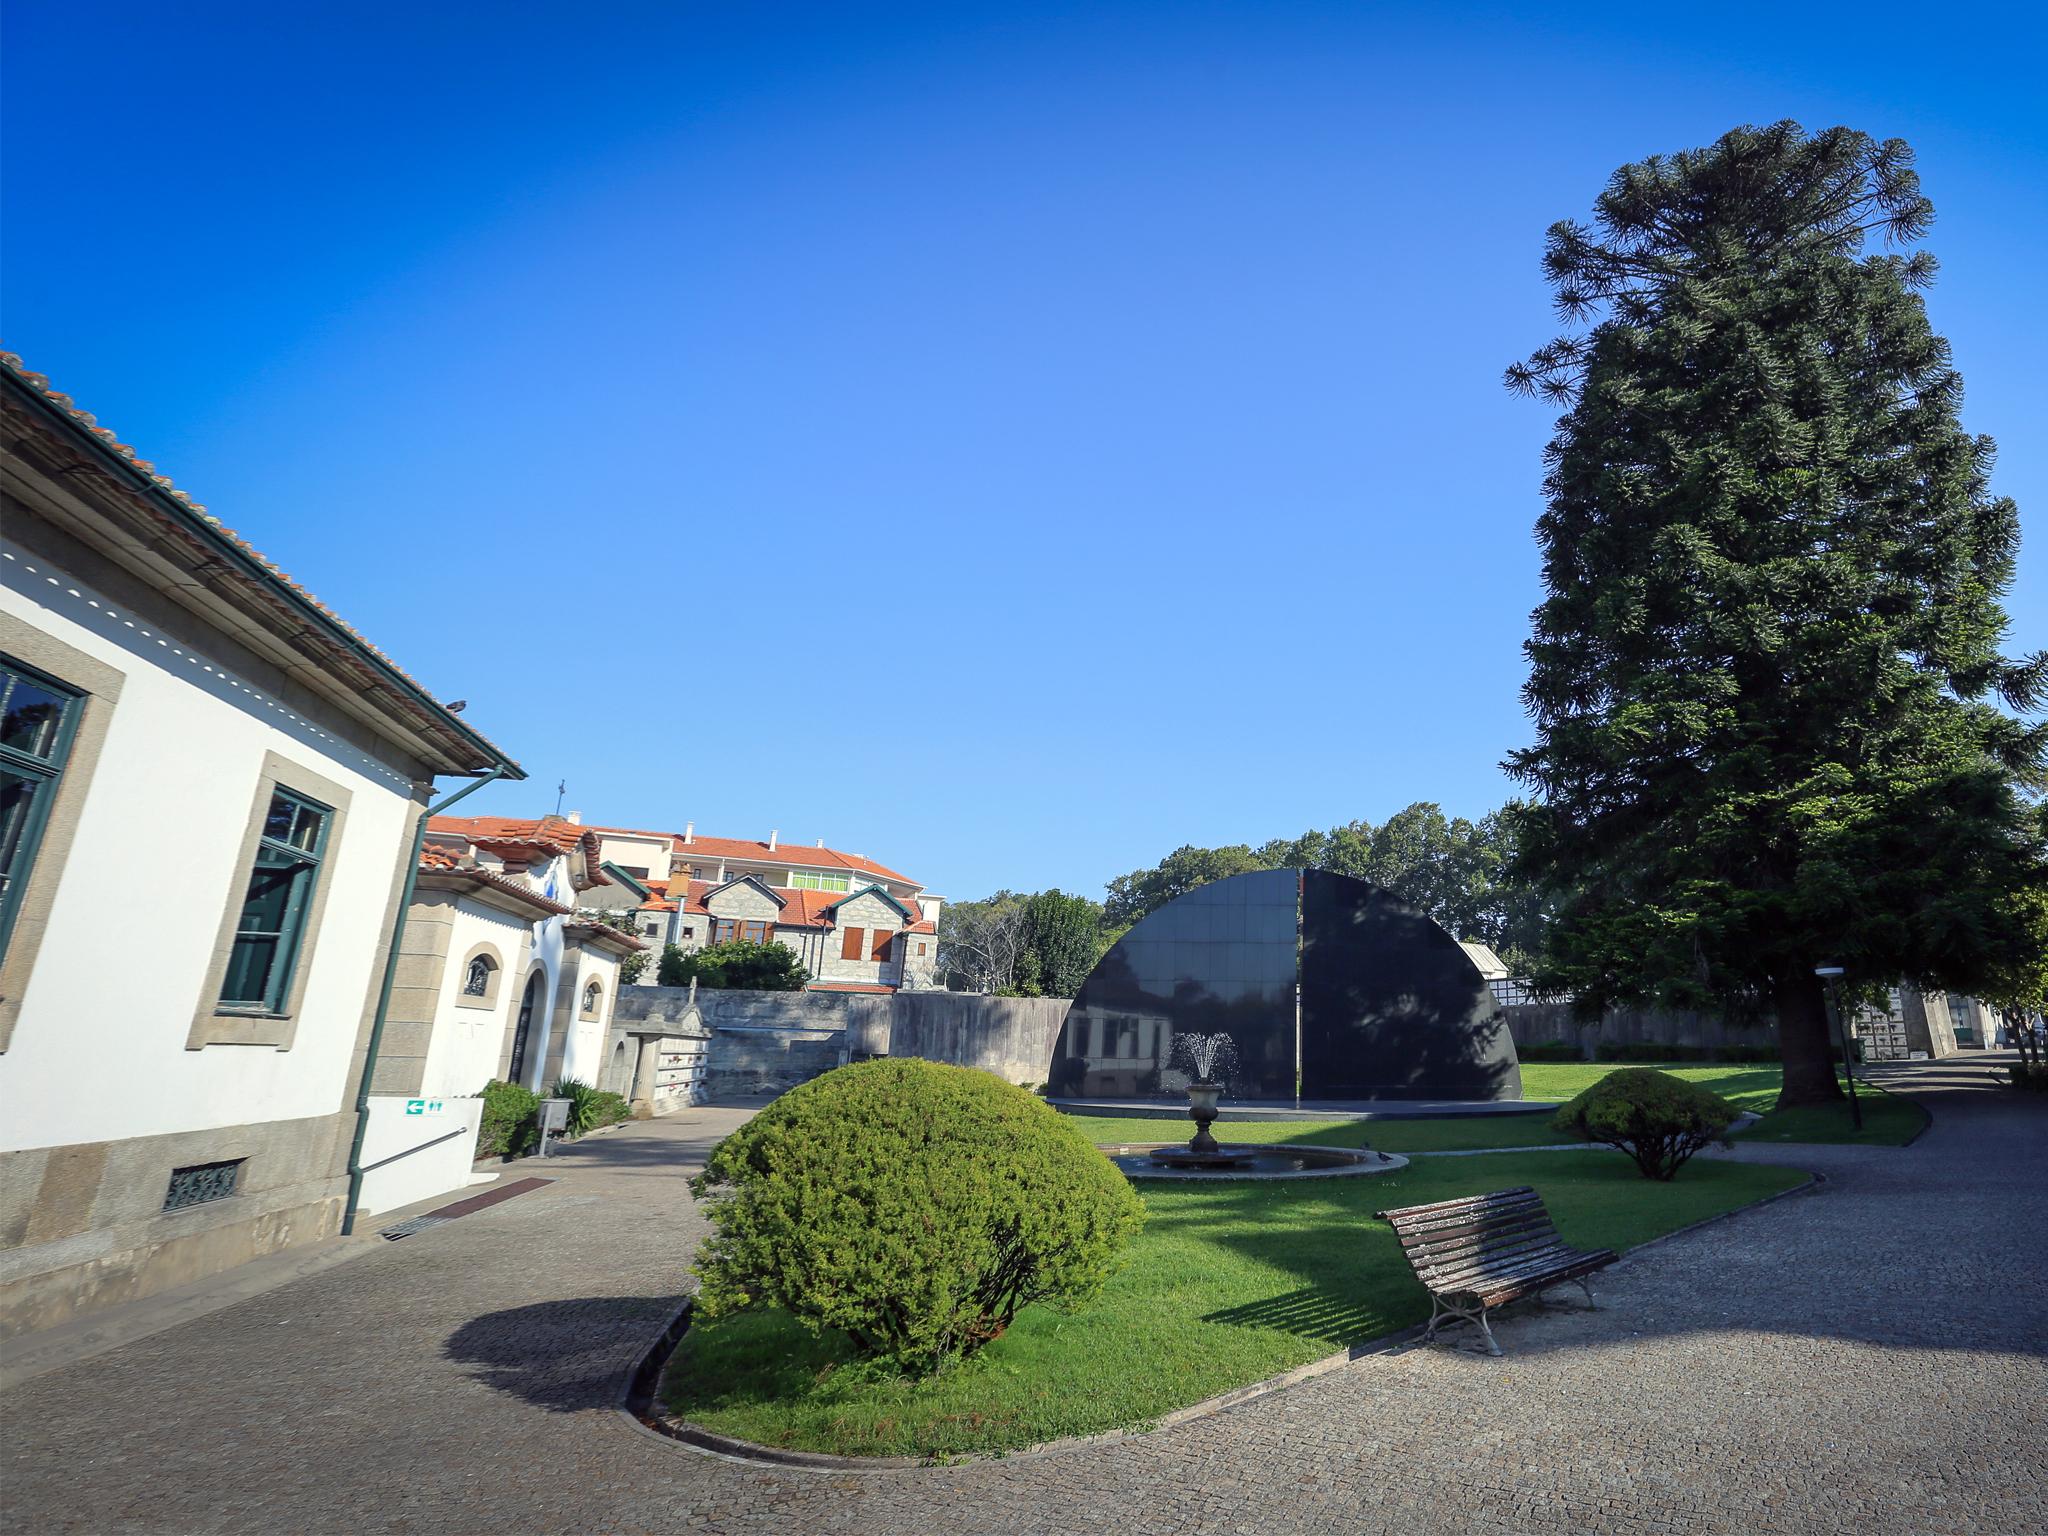 Cemitério do Prado do Repouso